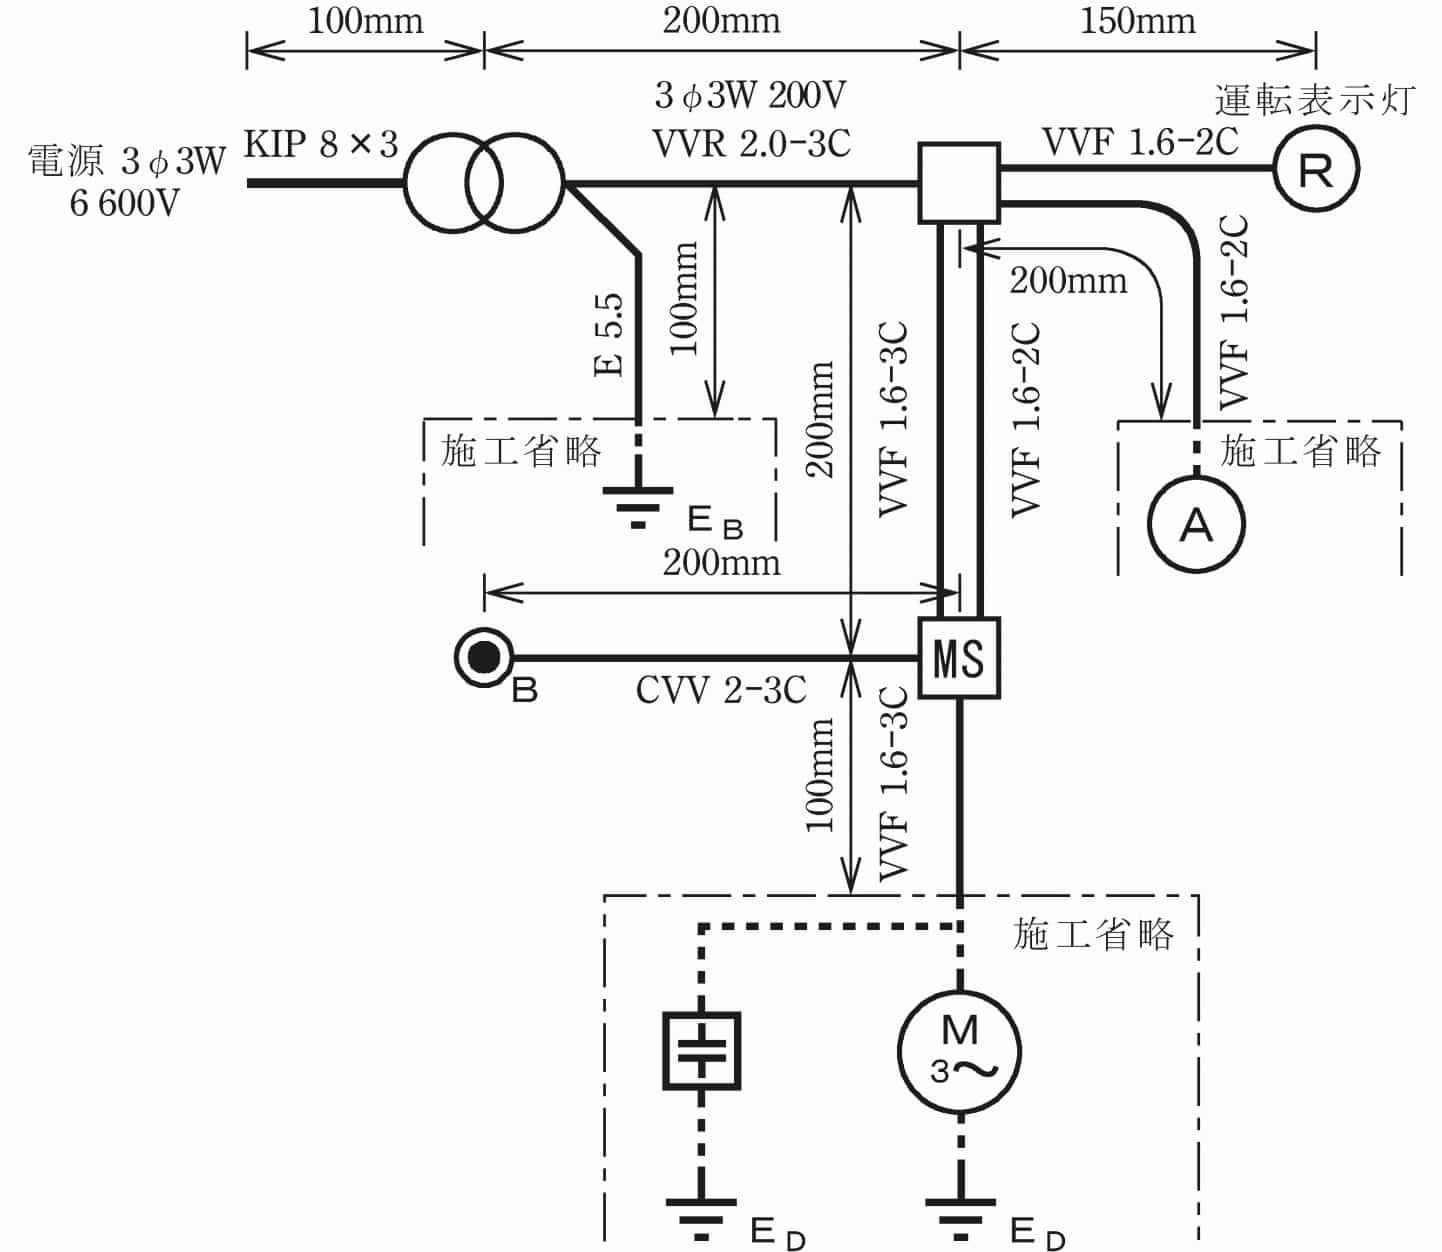 第一種電気工事士の技能試験の試験問題No.8の試験問題